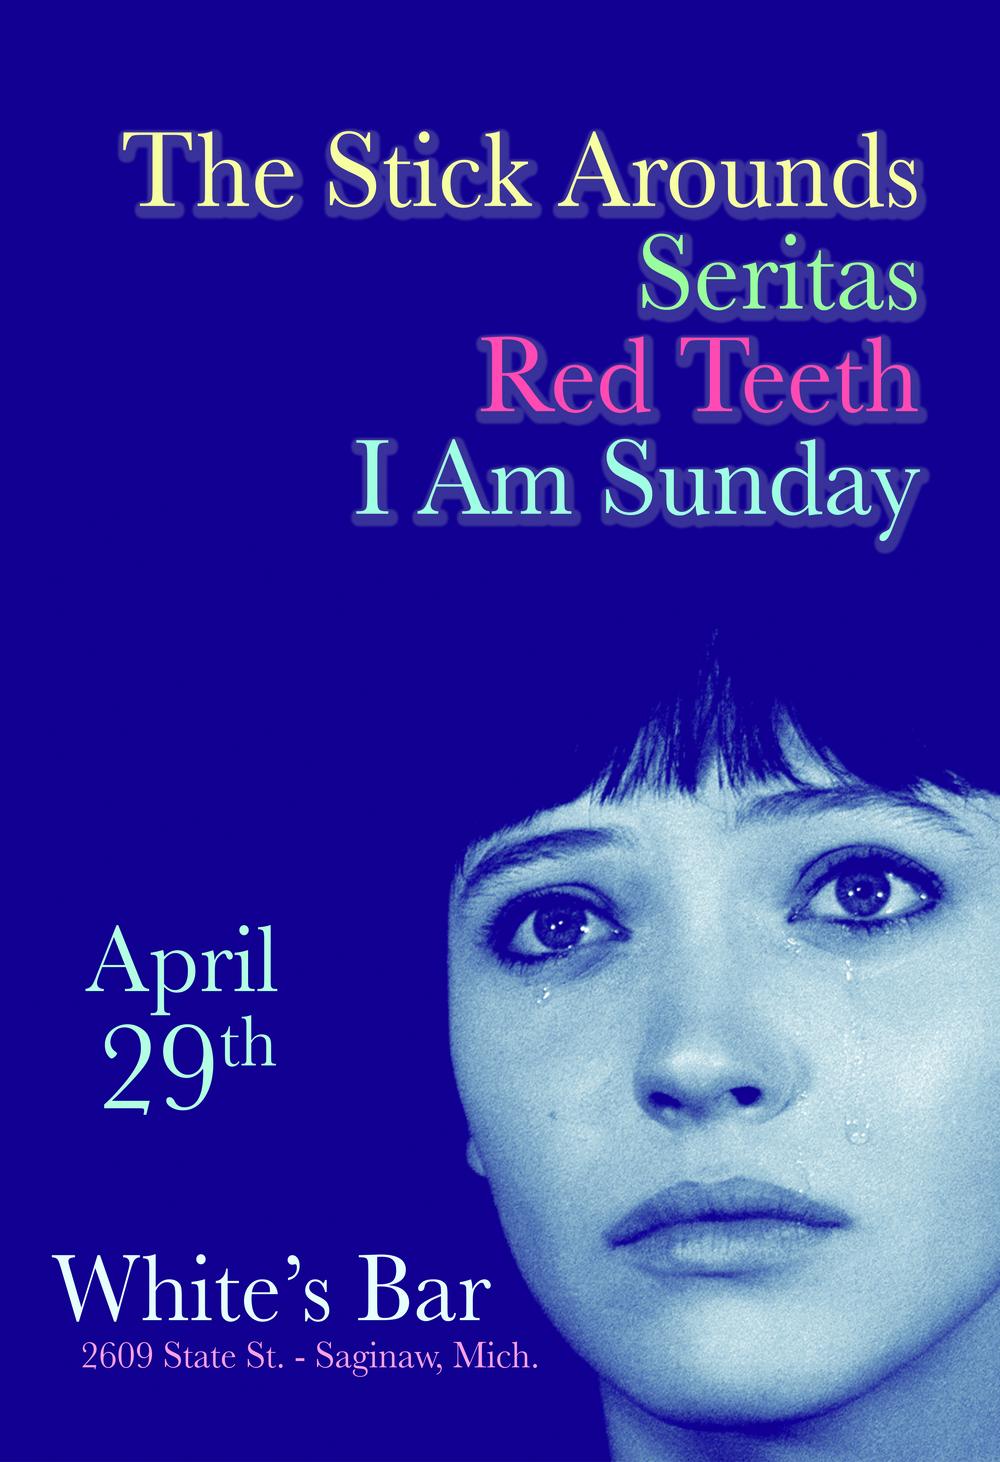 White's Bar Poster April 29.jpg